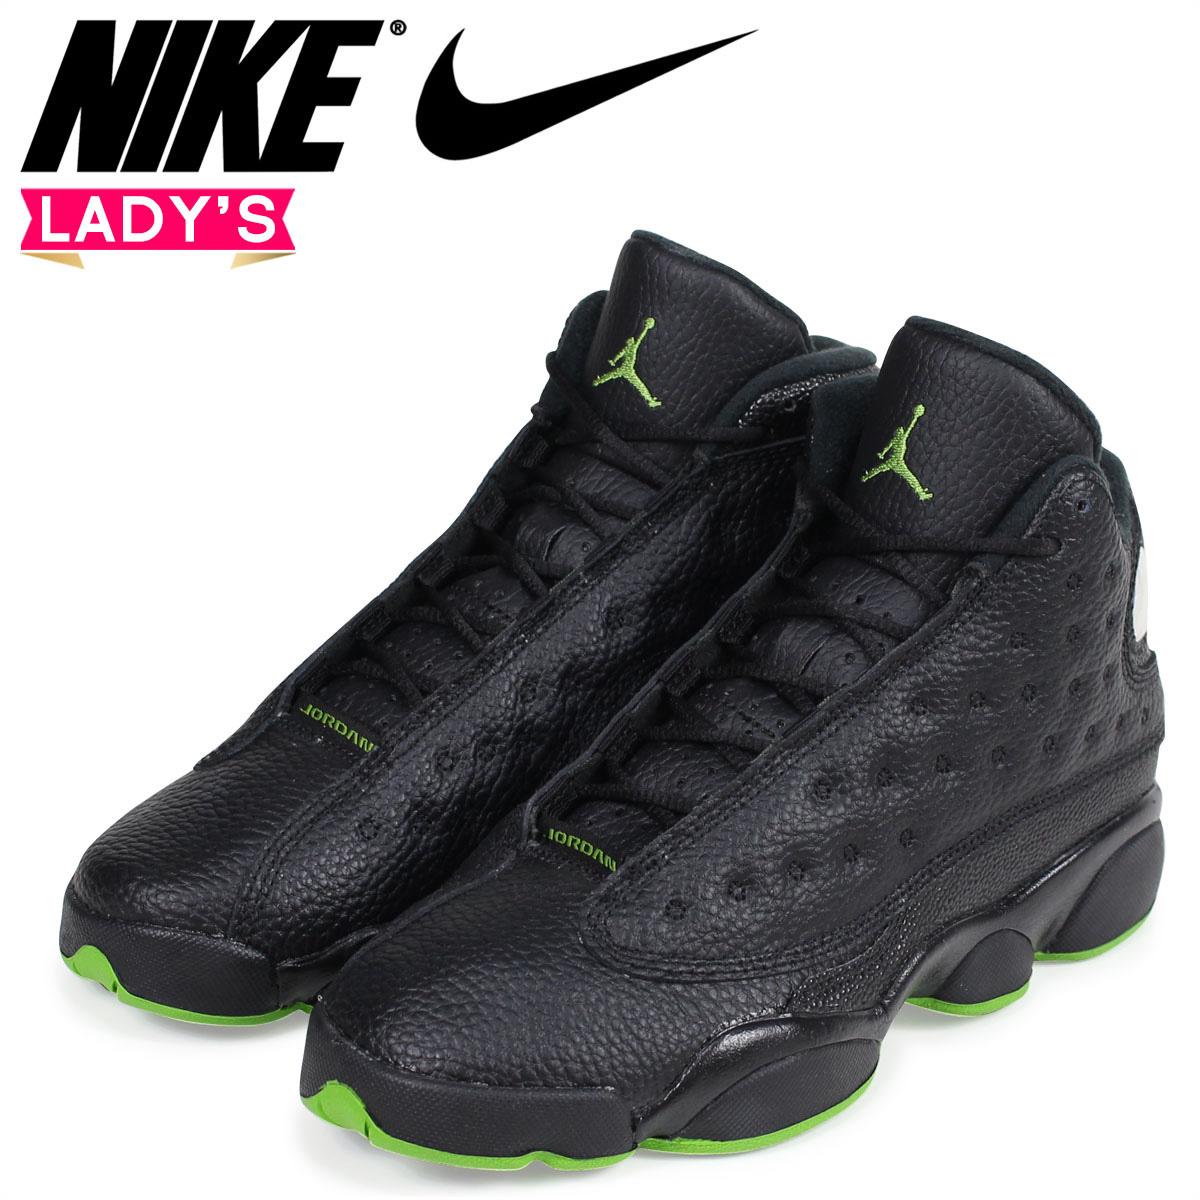 quality design 87e96 e5f3c NIKE Nike Air Jordan 13 nostalgic lady s sneakers AIR JORDAN 13 RETRO BG  414,574-042 black  1 13 Shinnyu load